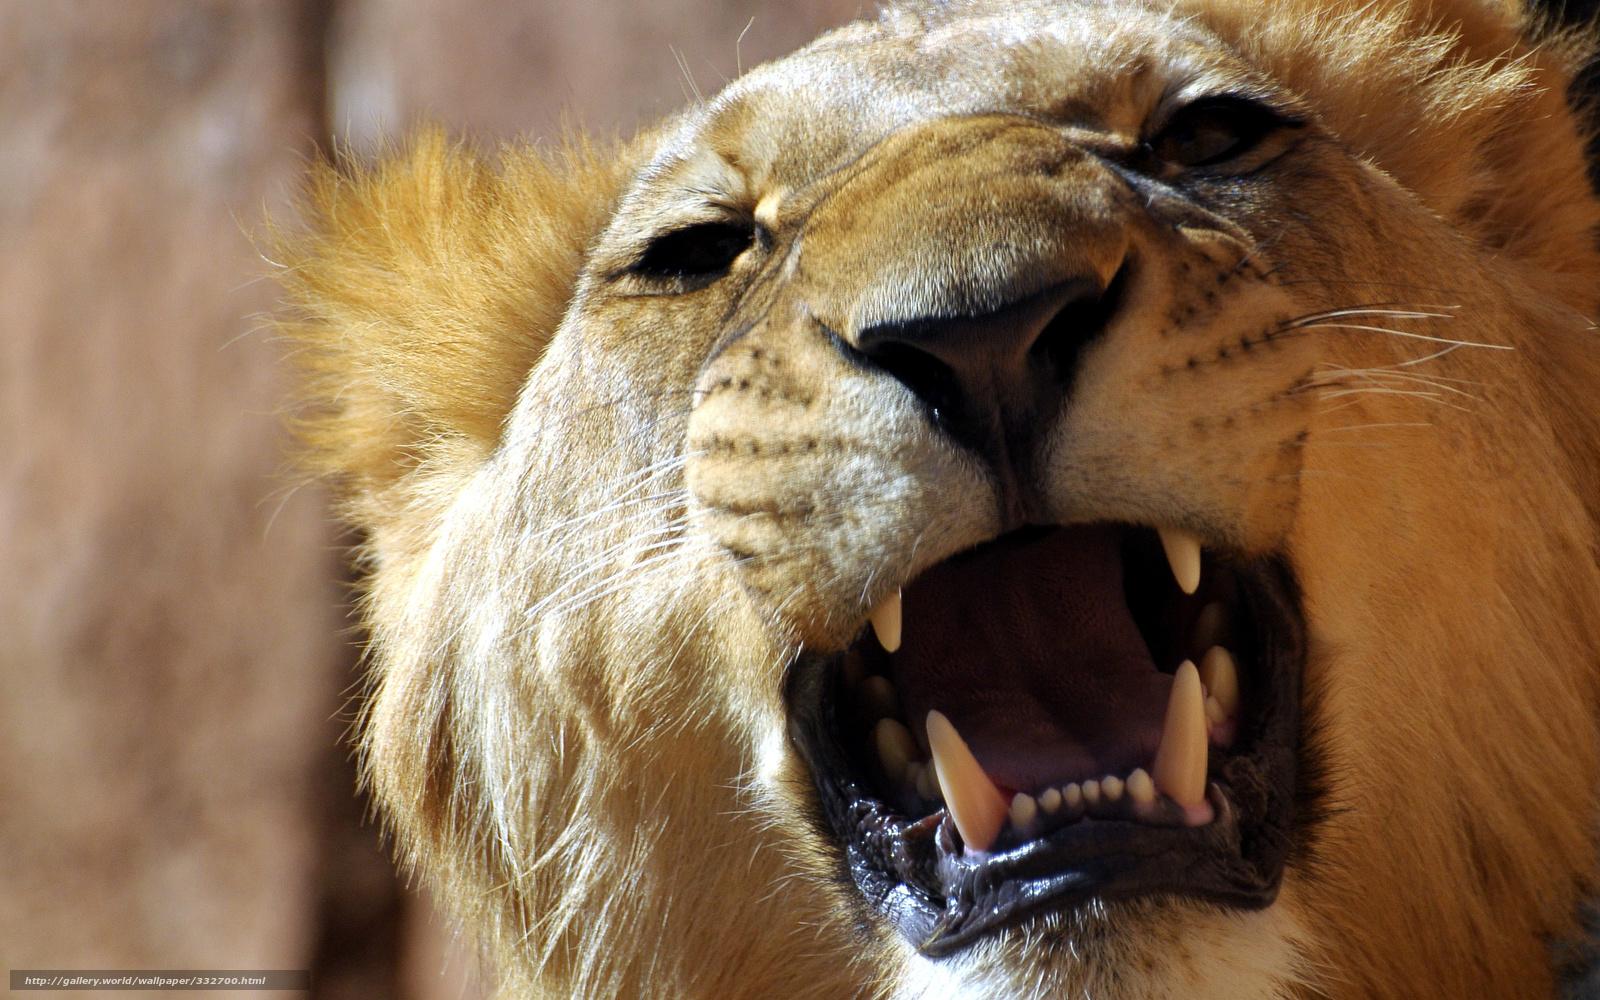 Scaricare gli sfondi leone ruggito denti fauci sfondi for Sfondi leone